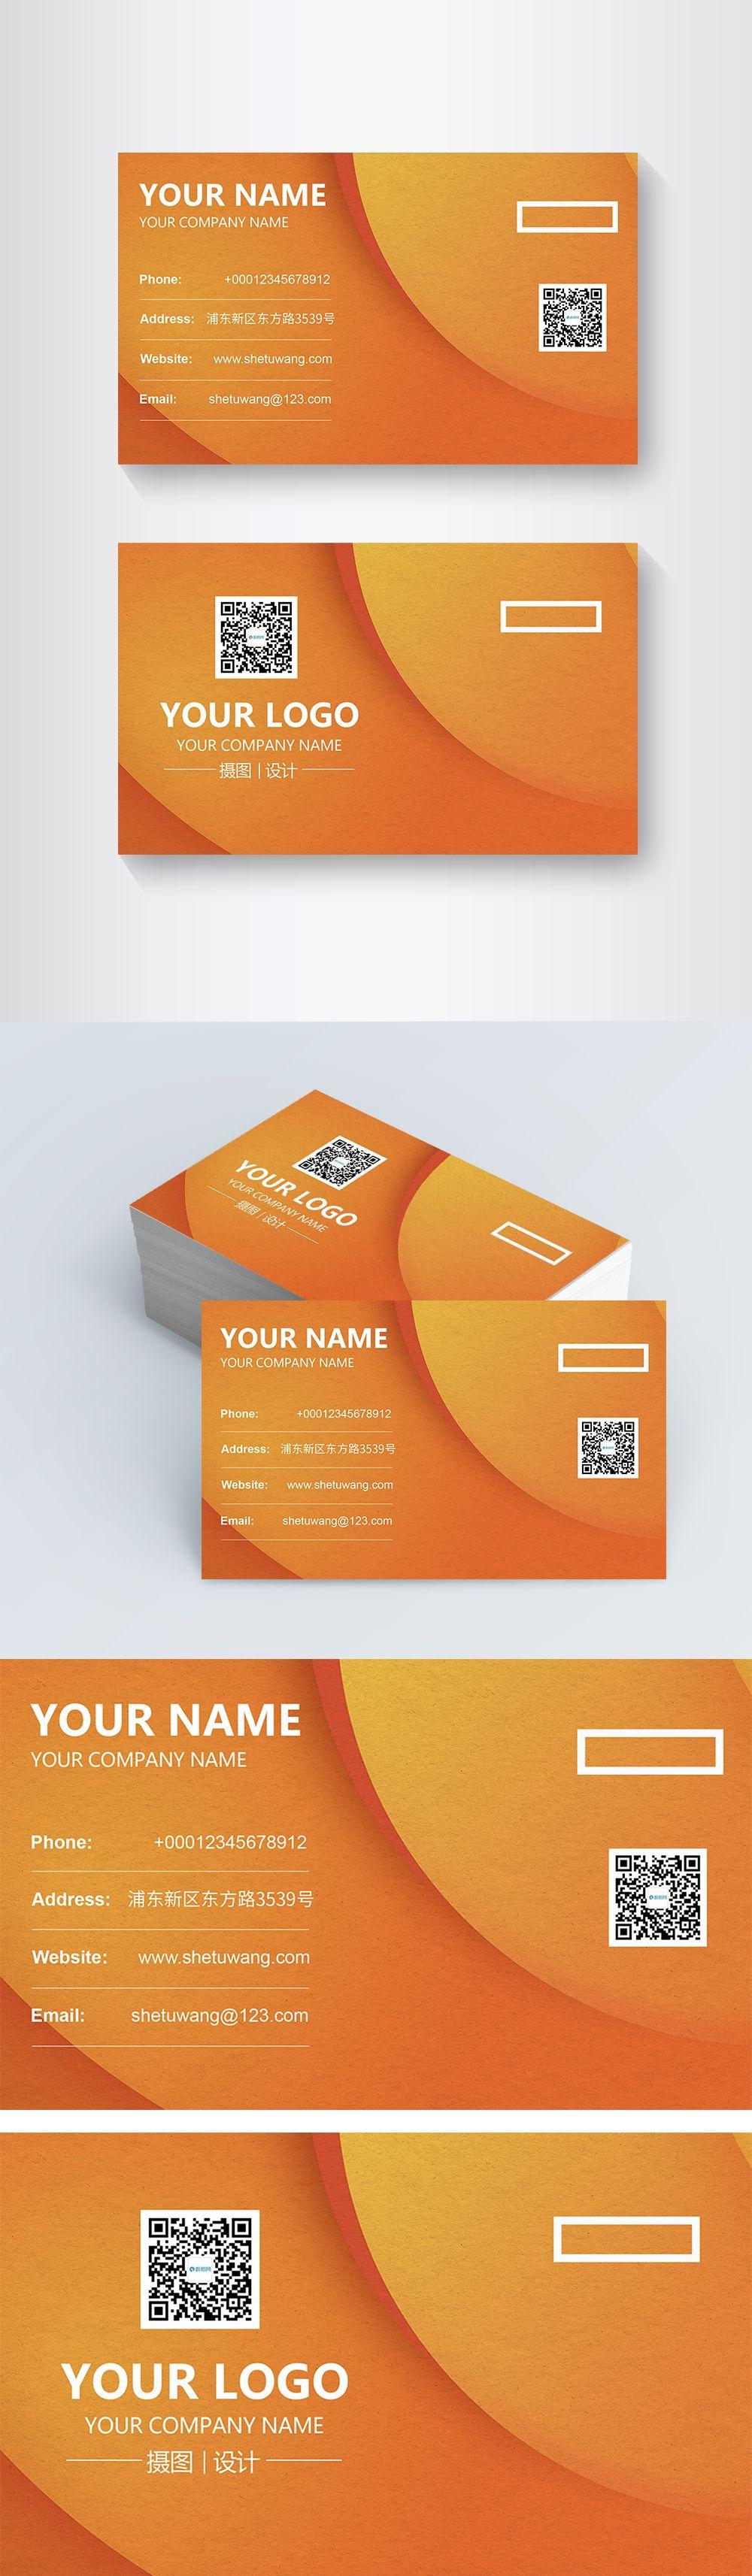 Business Card Design Of Orange Simple Gradual Change Orange Simple Gradual Business Free Business Card Templates Download Business Card Business Card Design